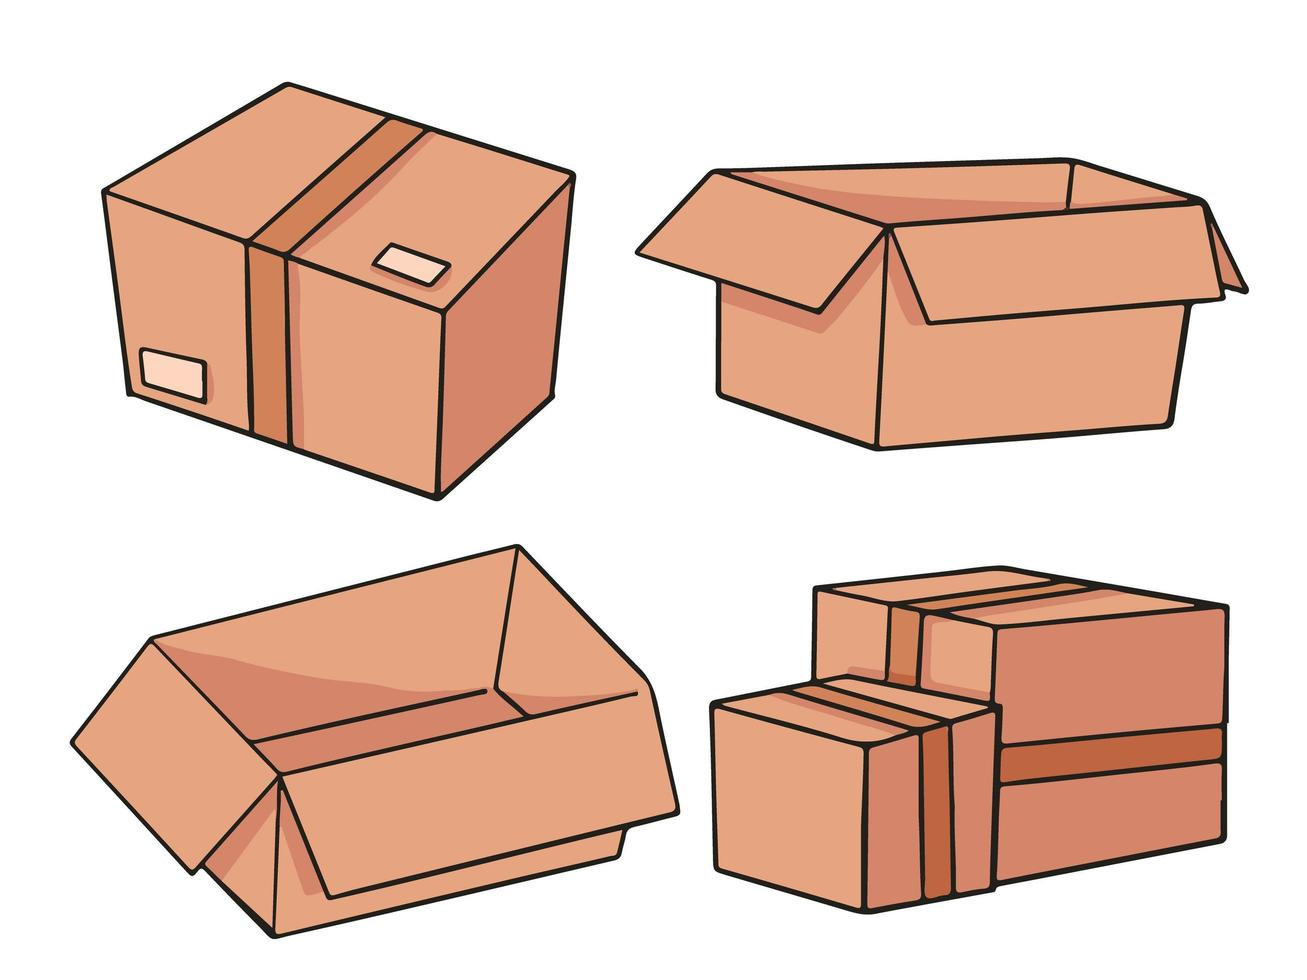 kartong tecknad illustration design vektor